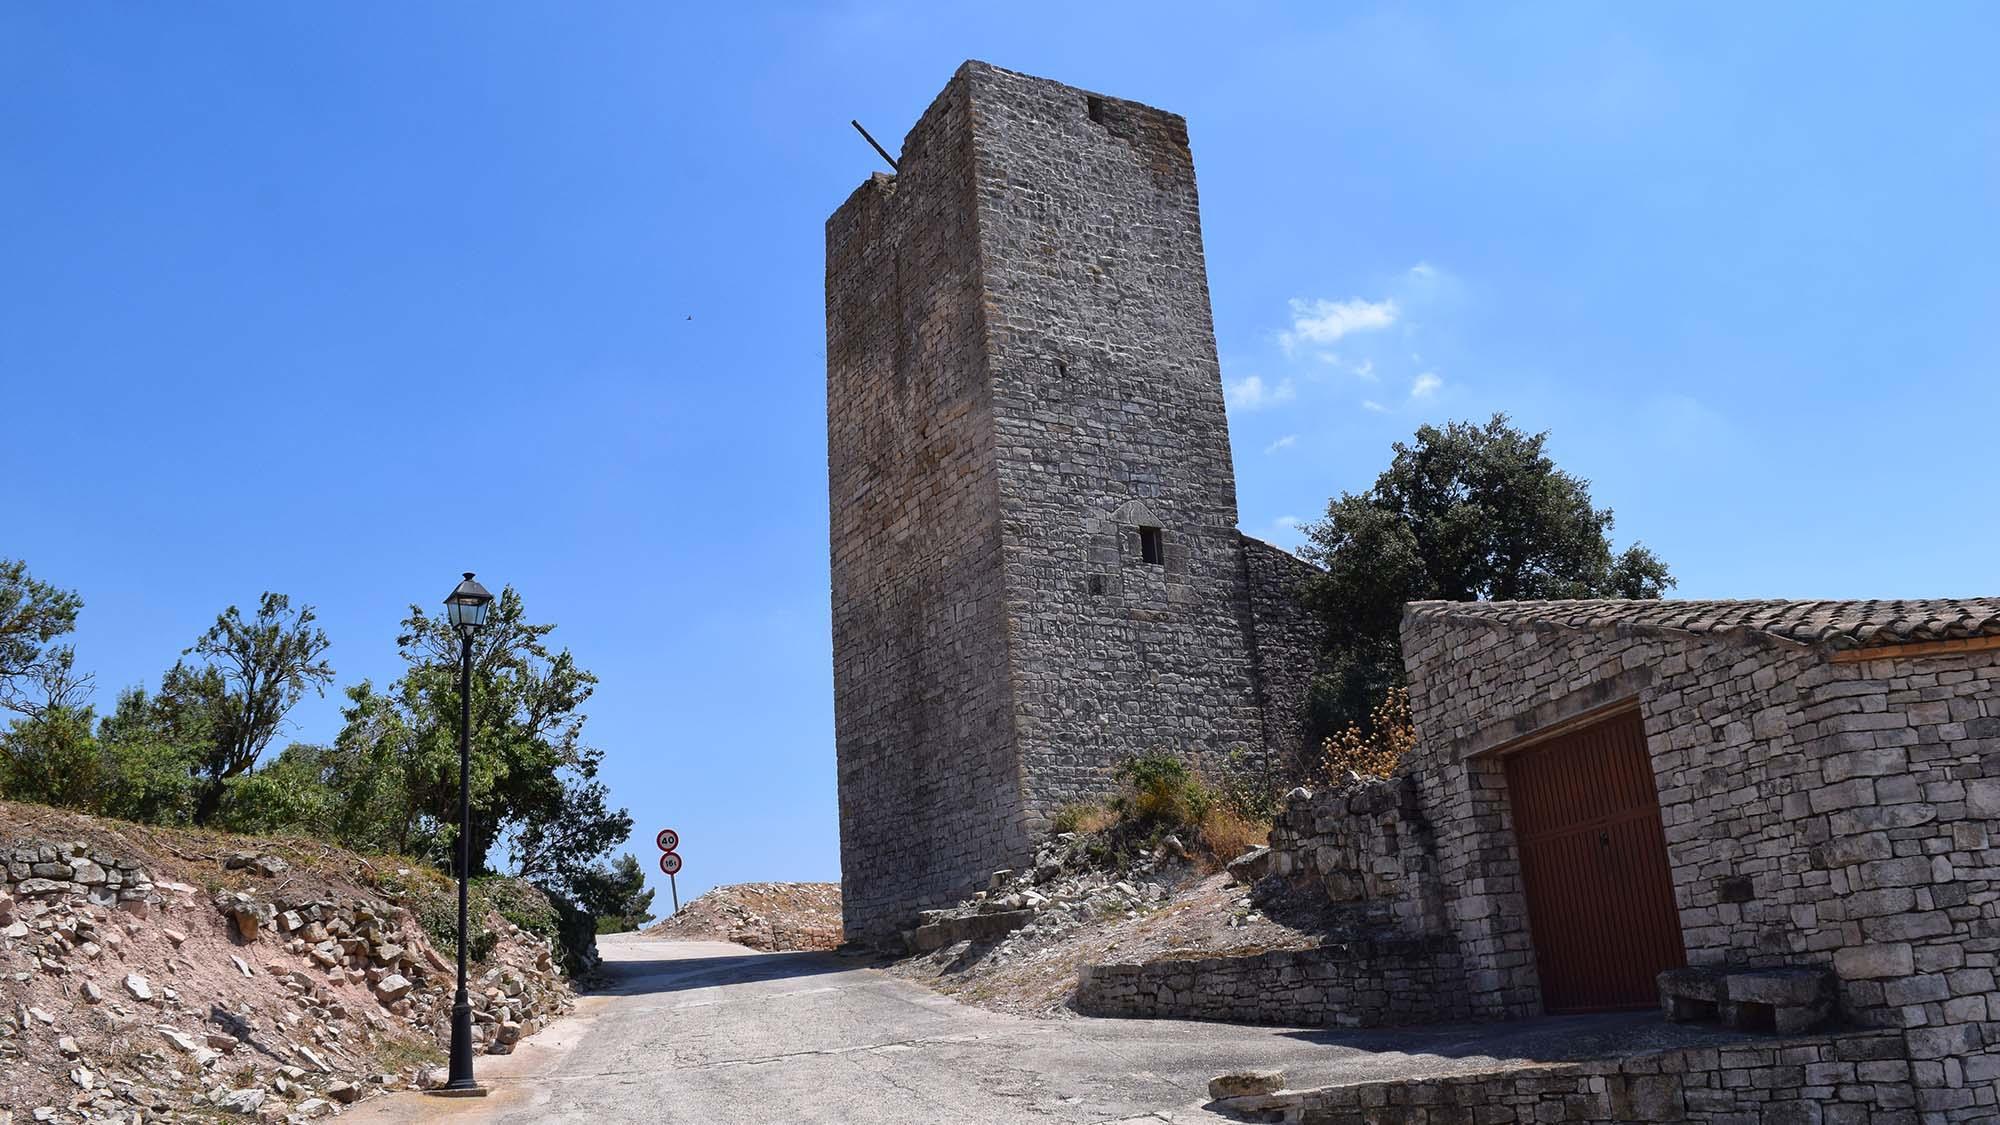 Torre Glorieta